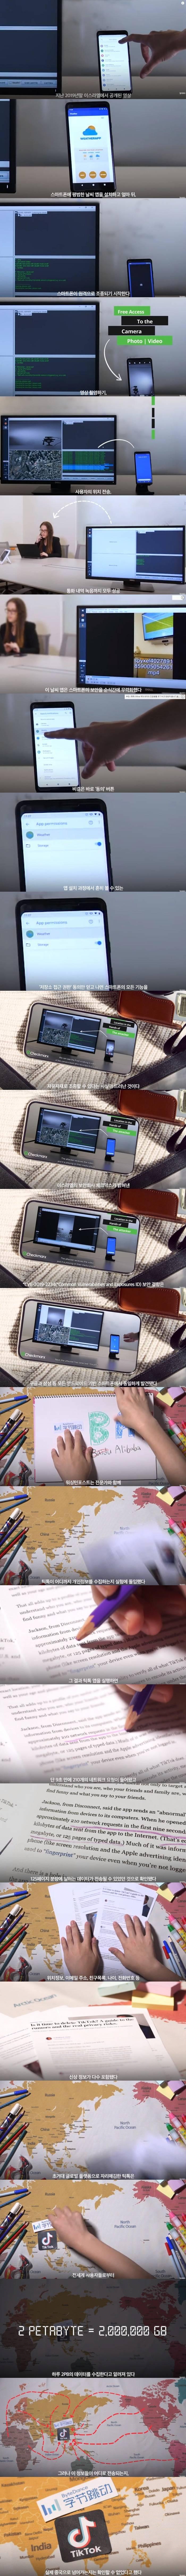 중국산 앱을 스마트폰에 깔면 생기는 일 | 인스티즈